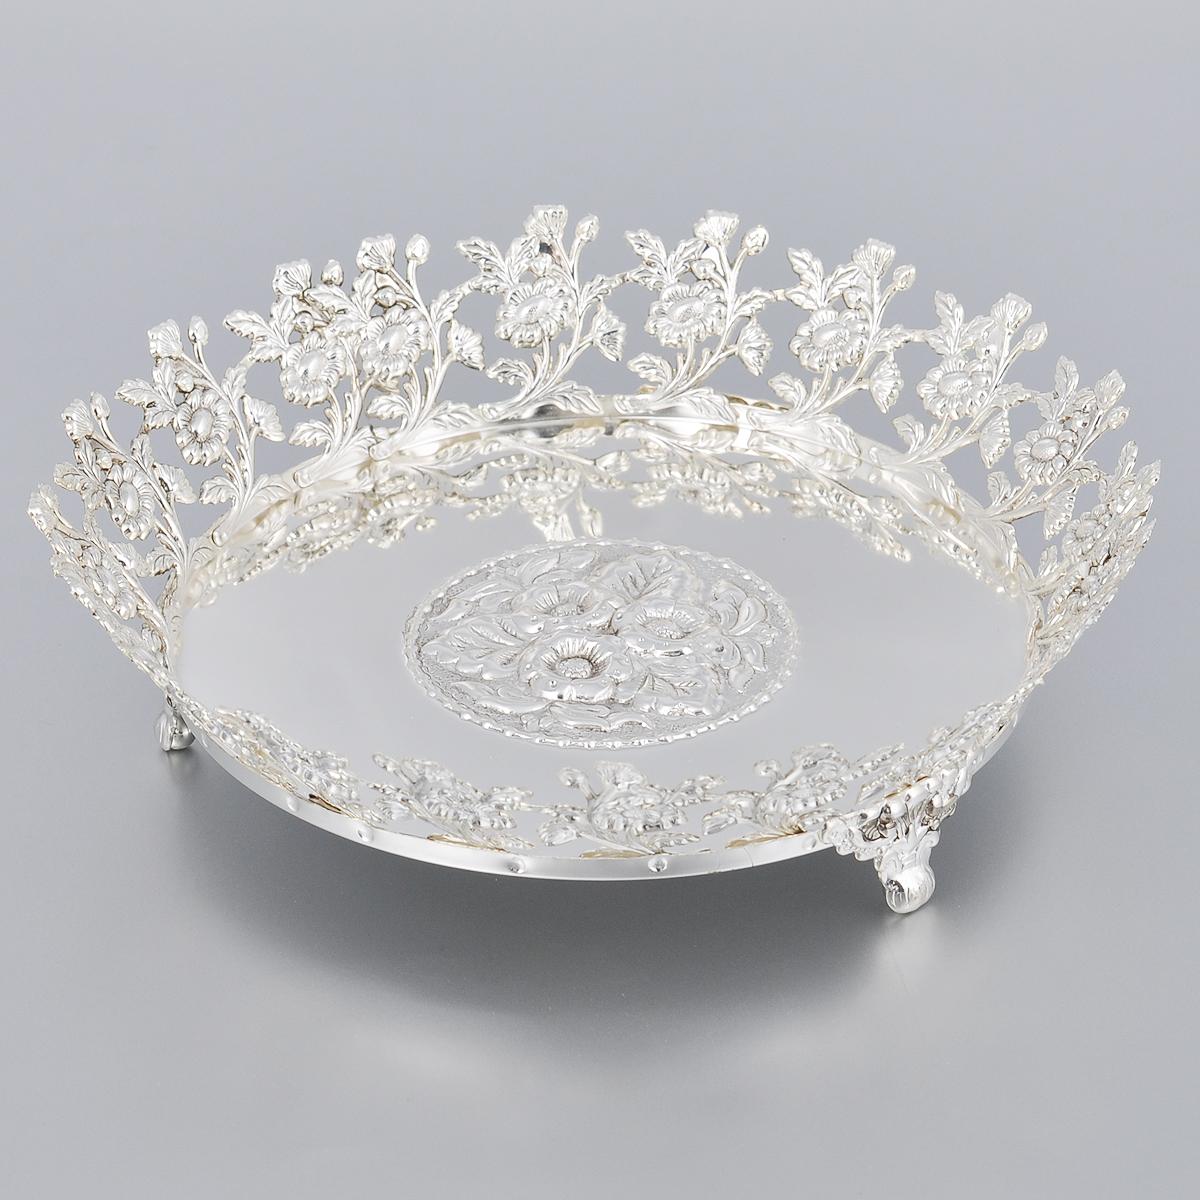 Ваза универсальная Marquis, диаметр 21,5 смVT-1520(SR)Универсальная ваза Marquis выполнена из стали с никель-серебряным покрытием и оформлена изящным рельефом и перфорацией. Ваза прекрасно подойдет для красивой сервировки конфет, фруктов, пирожных и много другого. Такая ваза придется по вкусу и ценителям классики, и тем, кто предпочитает утонченность и изысканность. Она украсит сервировку вашего стола и подчеркнет прекрасный вкус хозяина, а также станет отличным подарком.Диаметр (по верхнему краю): 21,5 см.Высота вазы: 5,5 см.